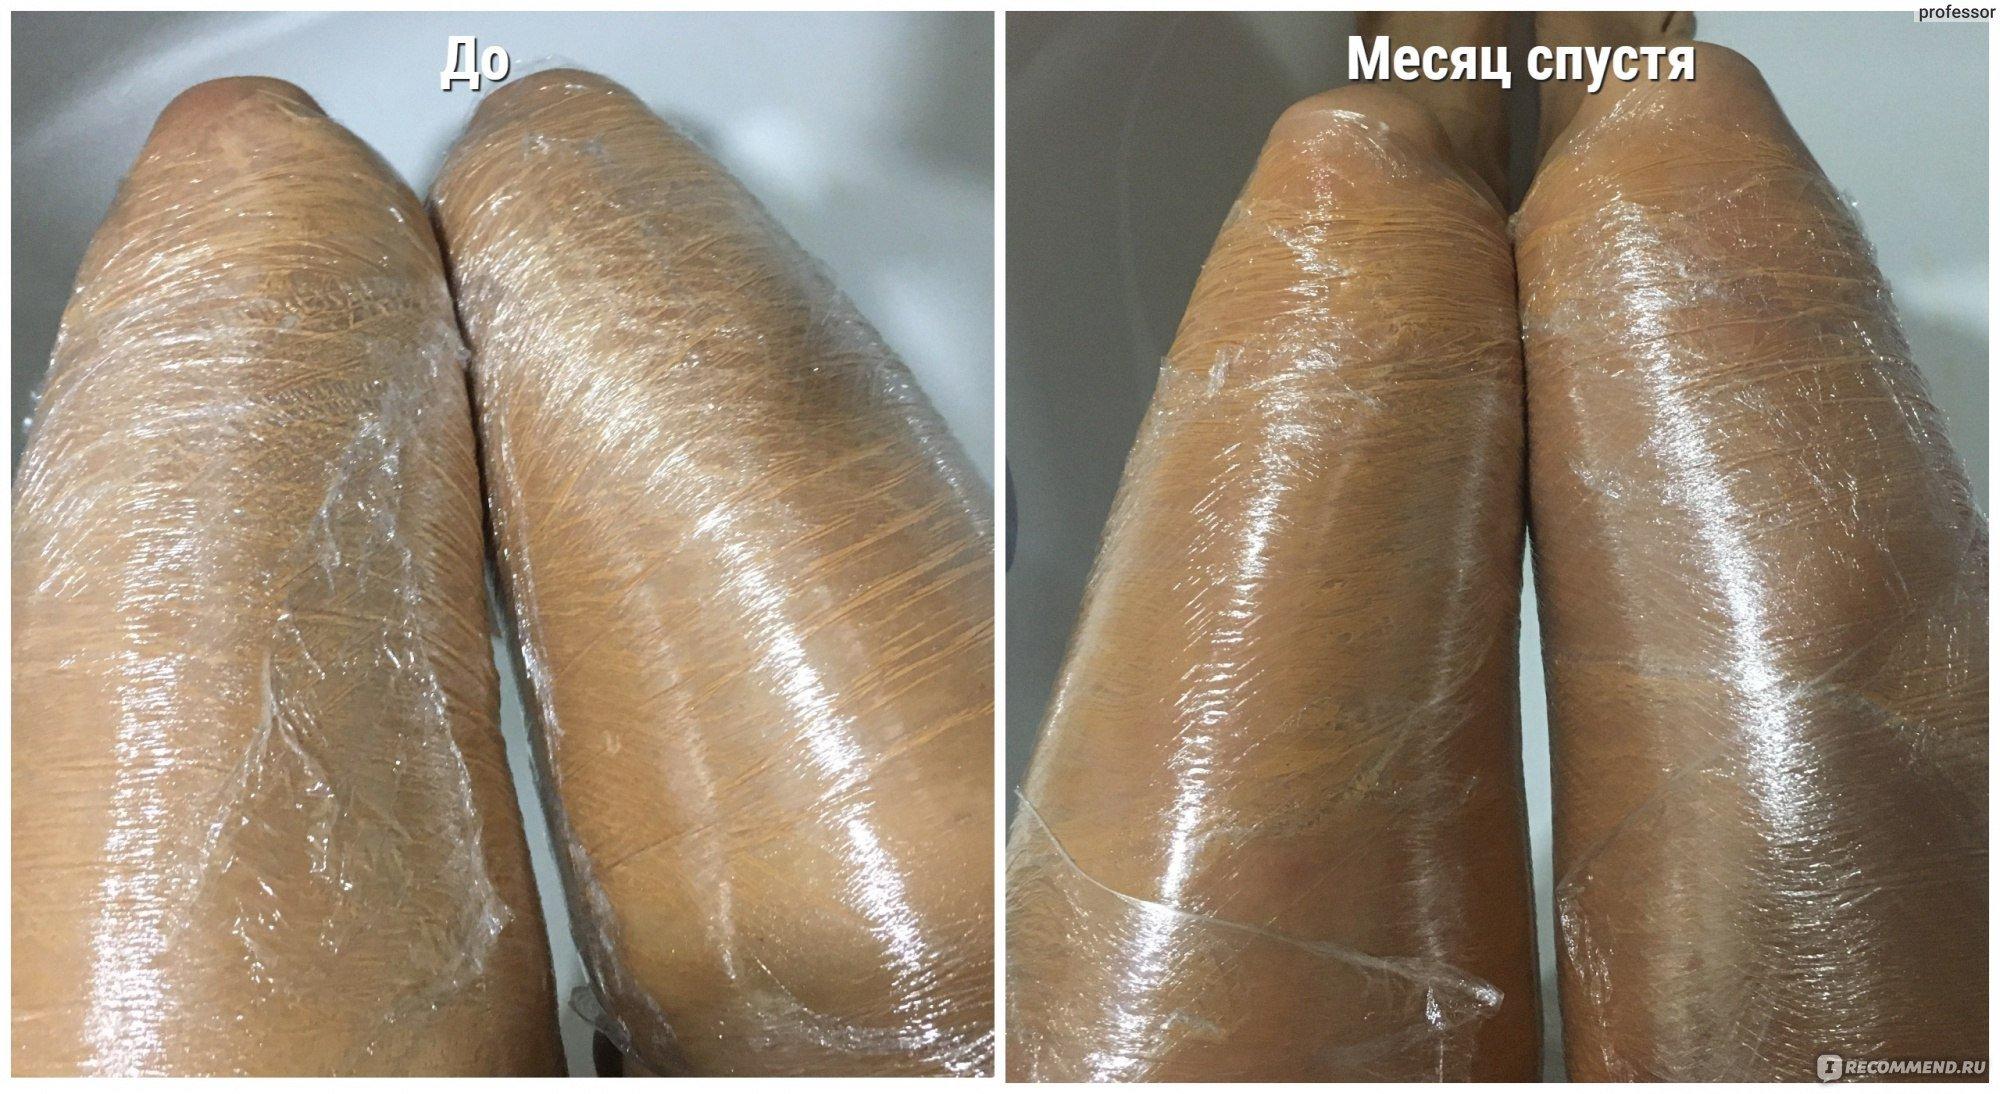 Обёртывание. Как побороть целлюлит с помощью перца?